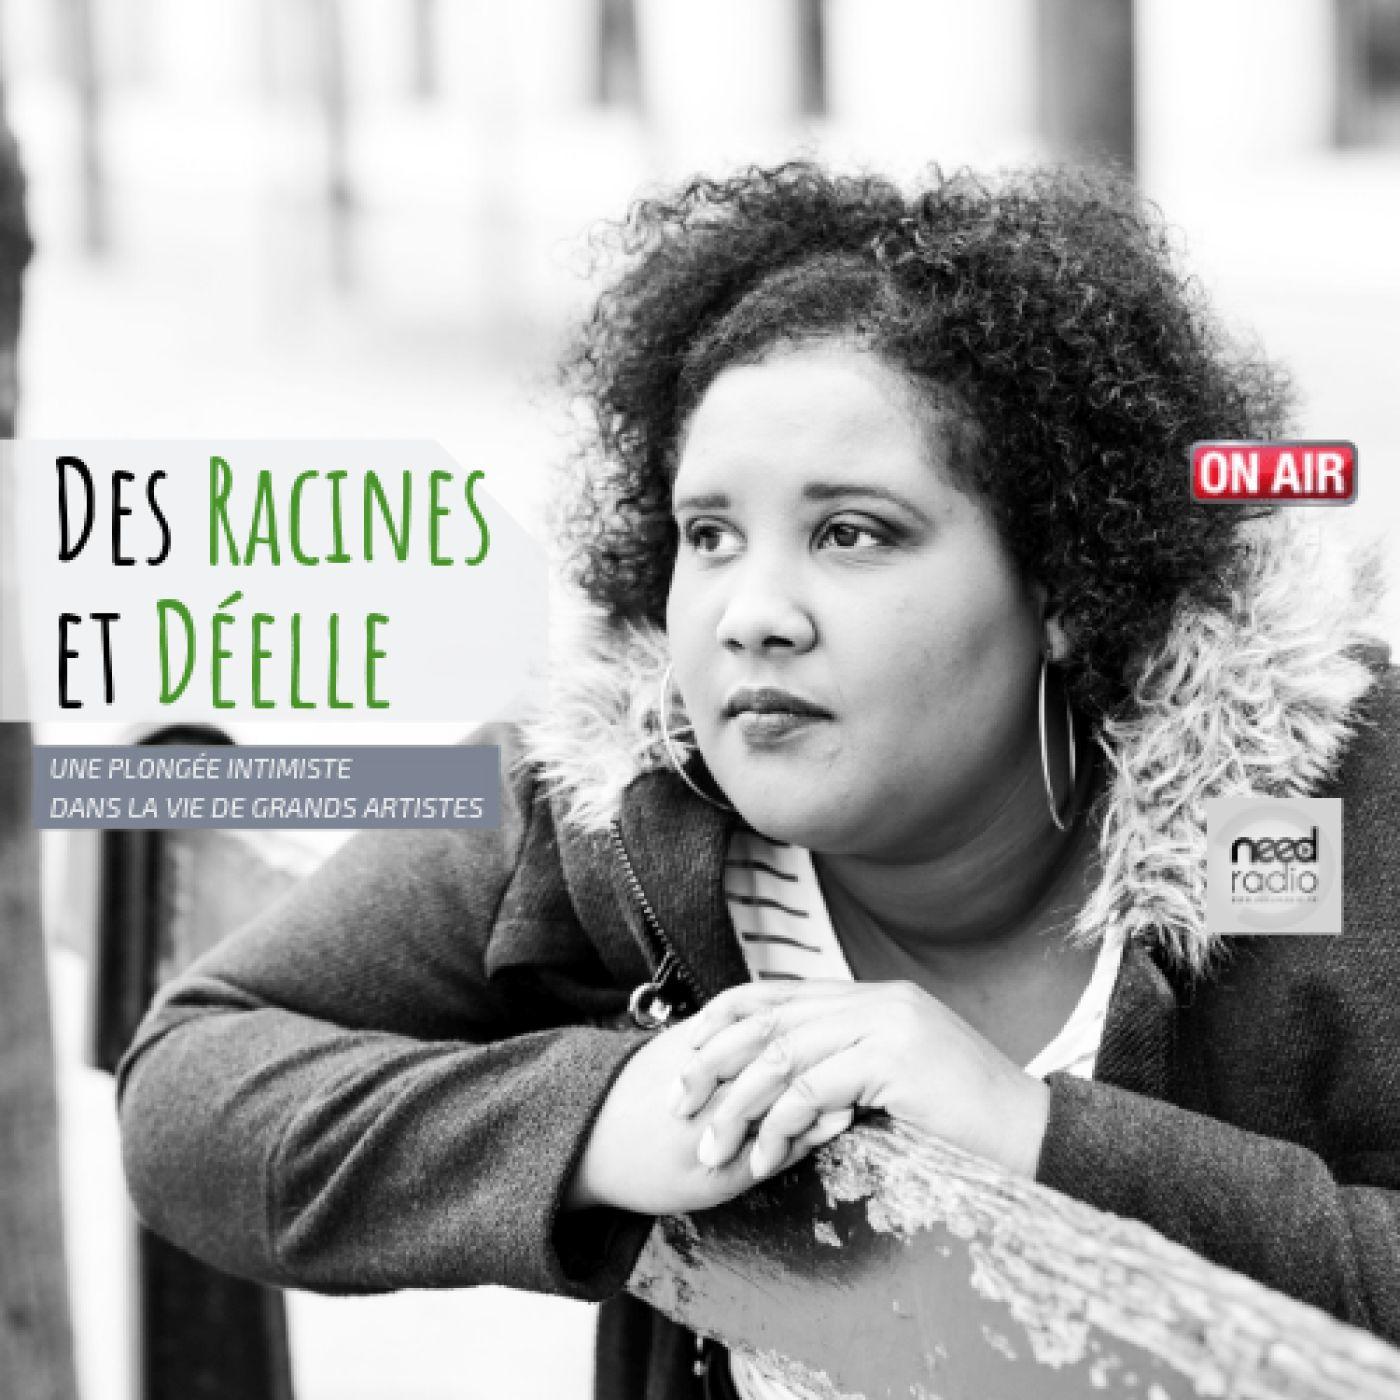 Des Racines et Déelle avec Benjamin Pays (24/06/19)